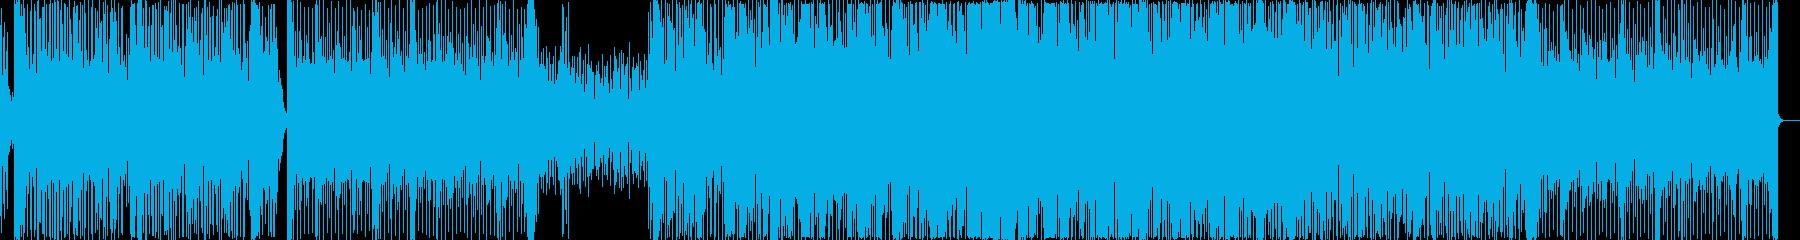 シンプルなEDM、プログレッシヴハウス。の再生済みの波形